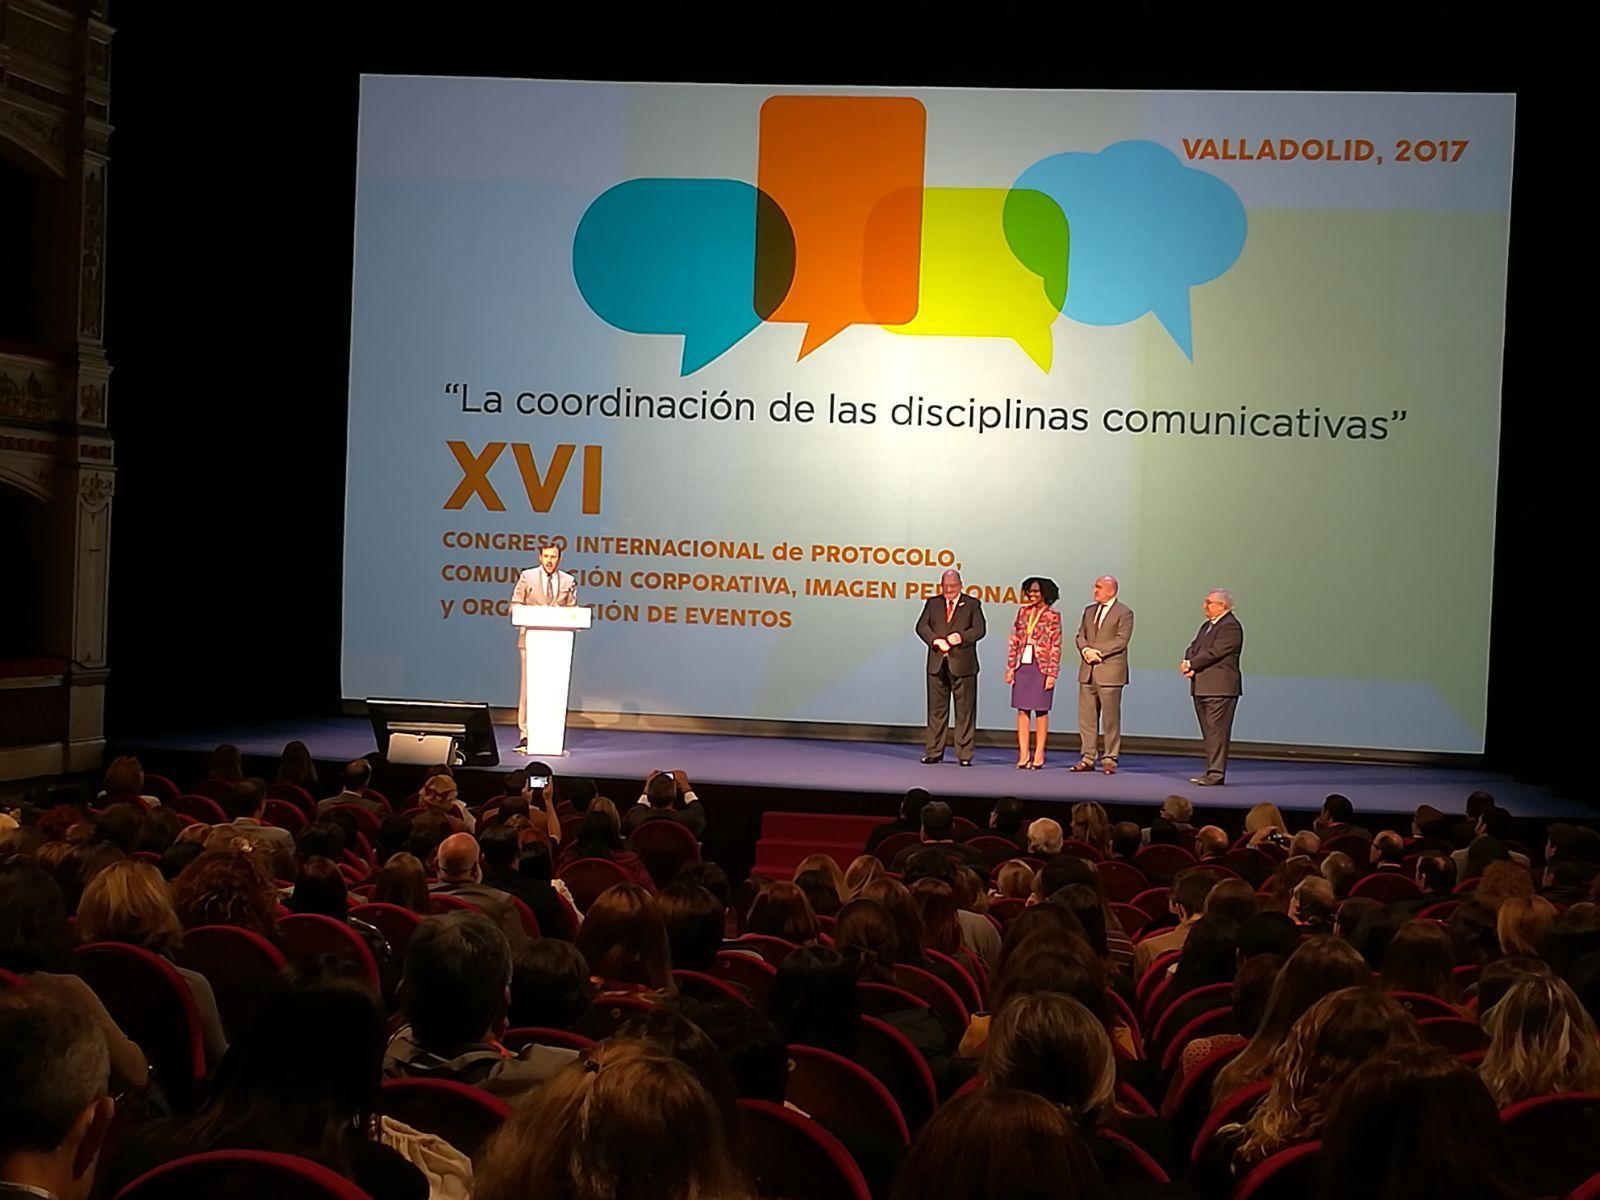 El documental de Mirta Drago inaugura las ponencias del XVI Congreso Internacional de Protocolo